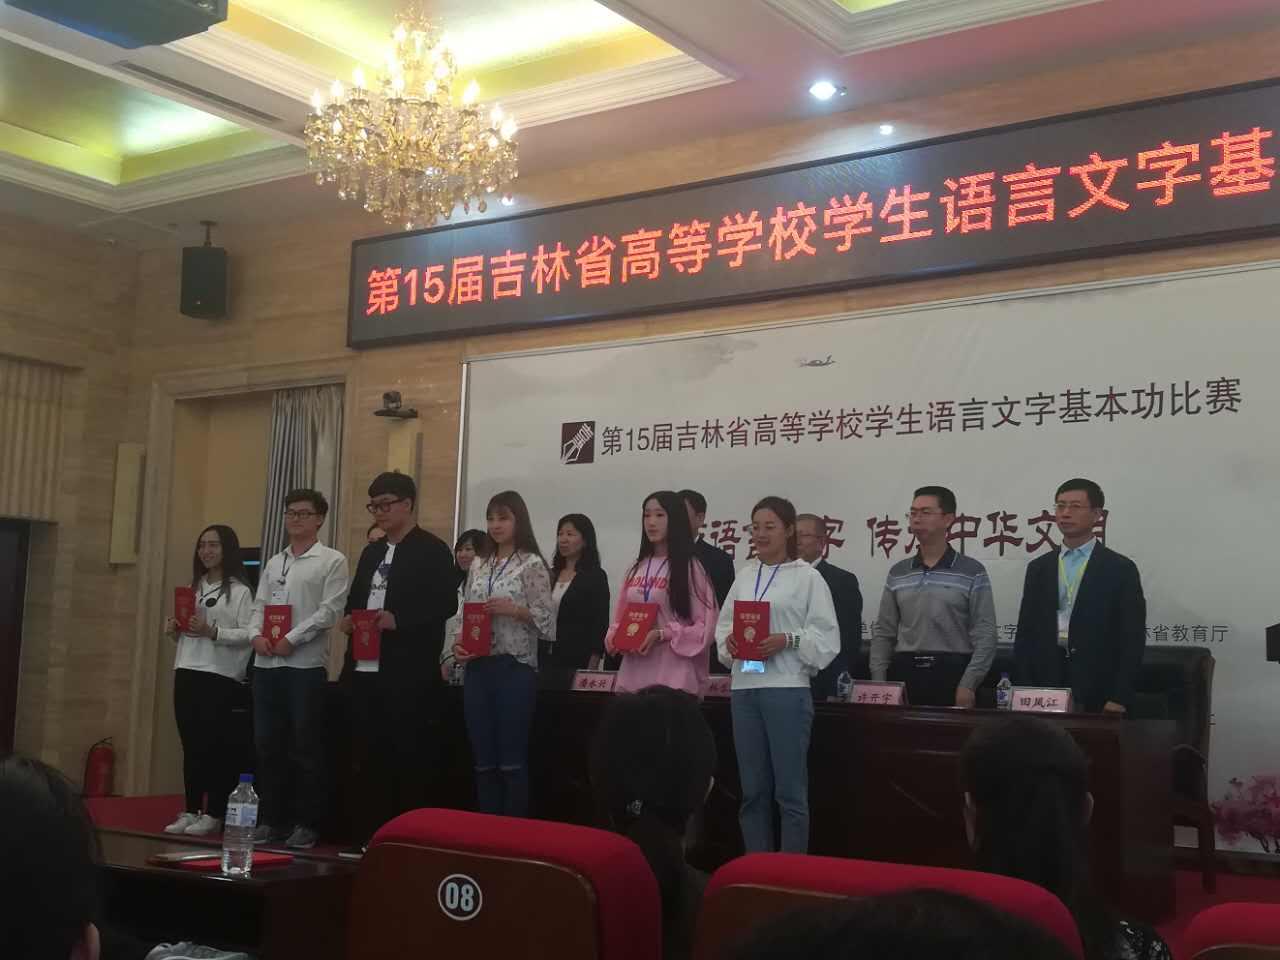 ...区大学区首次教学研讨活动在吉林市二十二中学举行_手机网易网